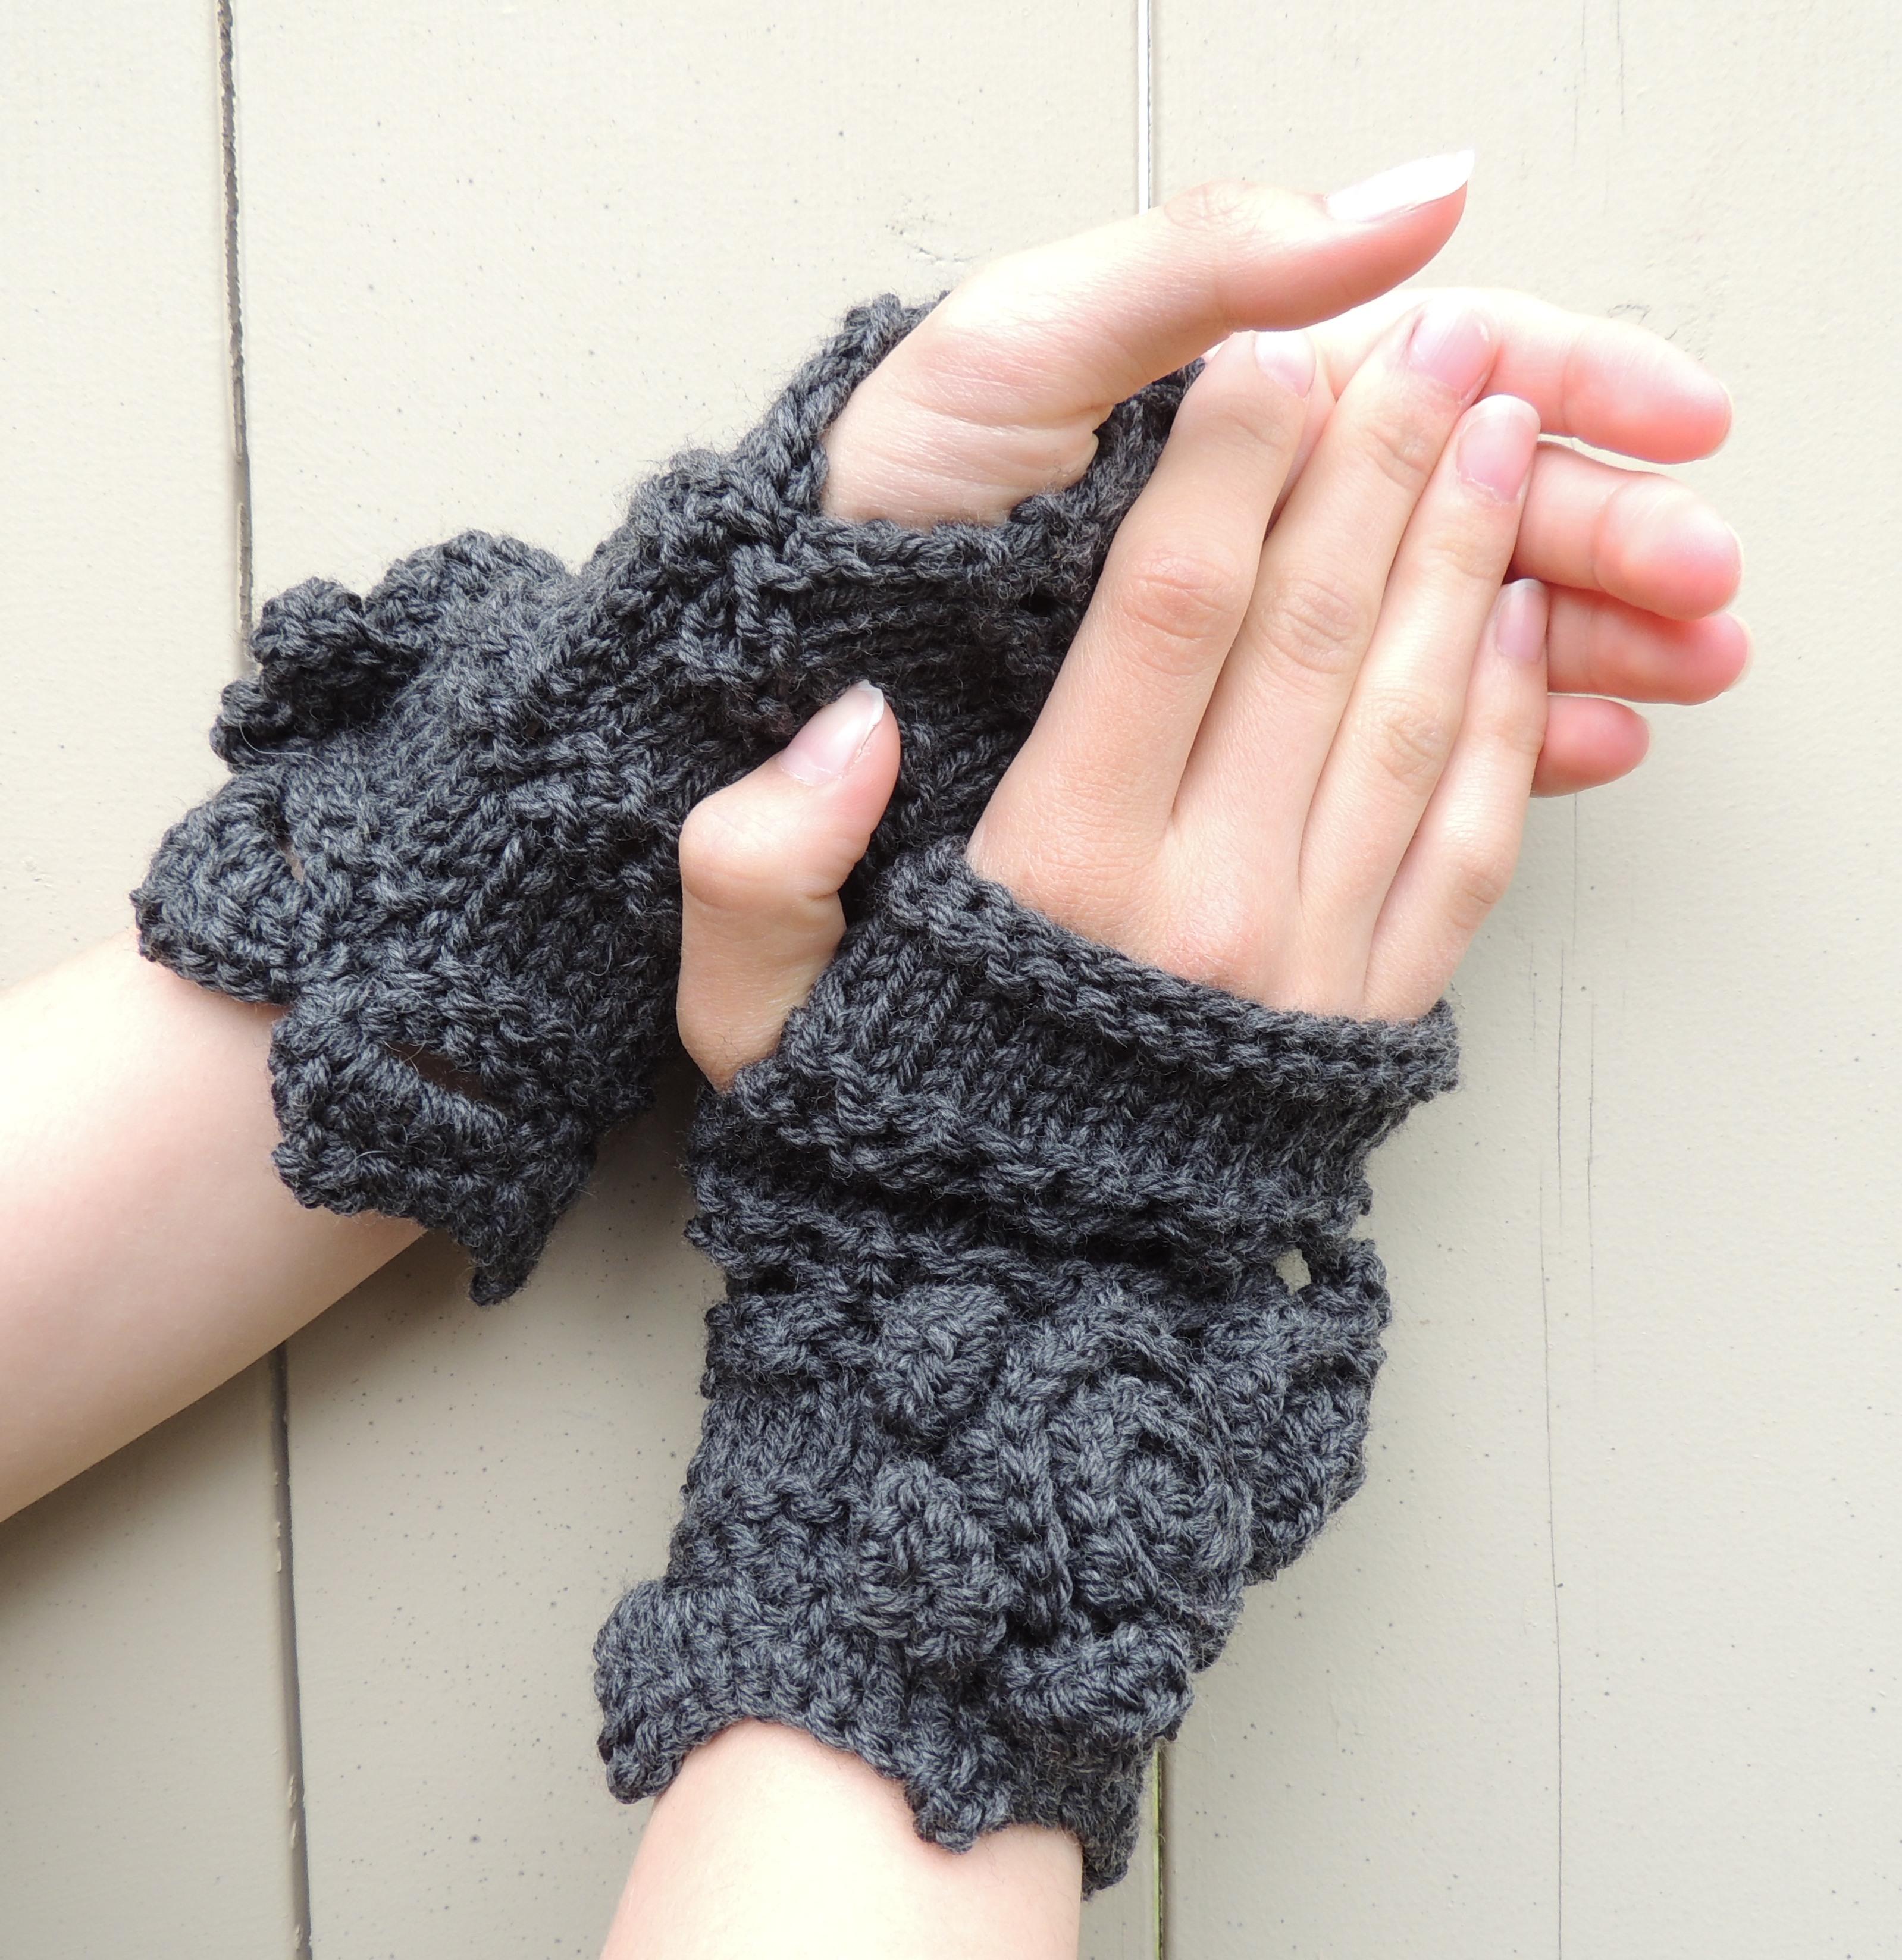 Fingerless gloves edmonton - Fingerless Gloves Edmonton 39